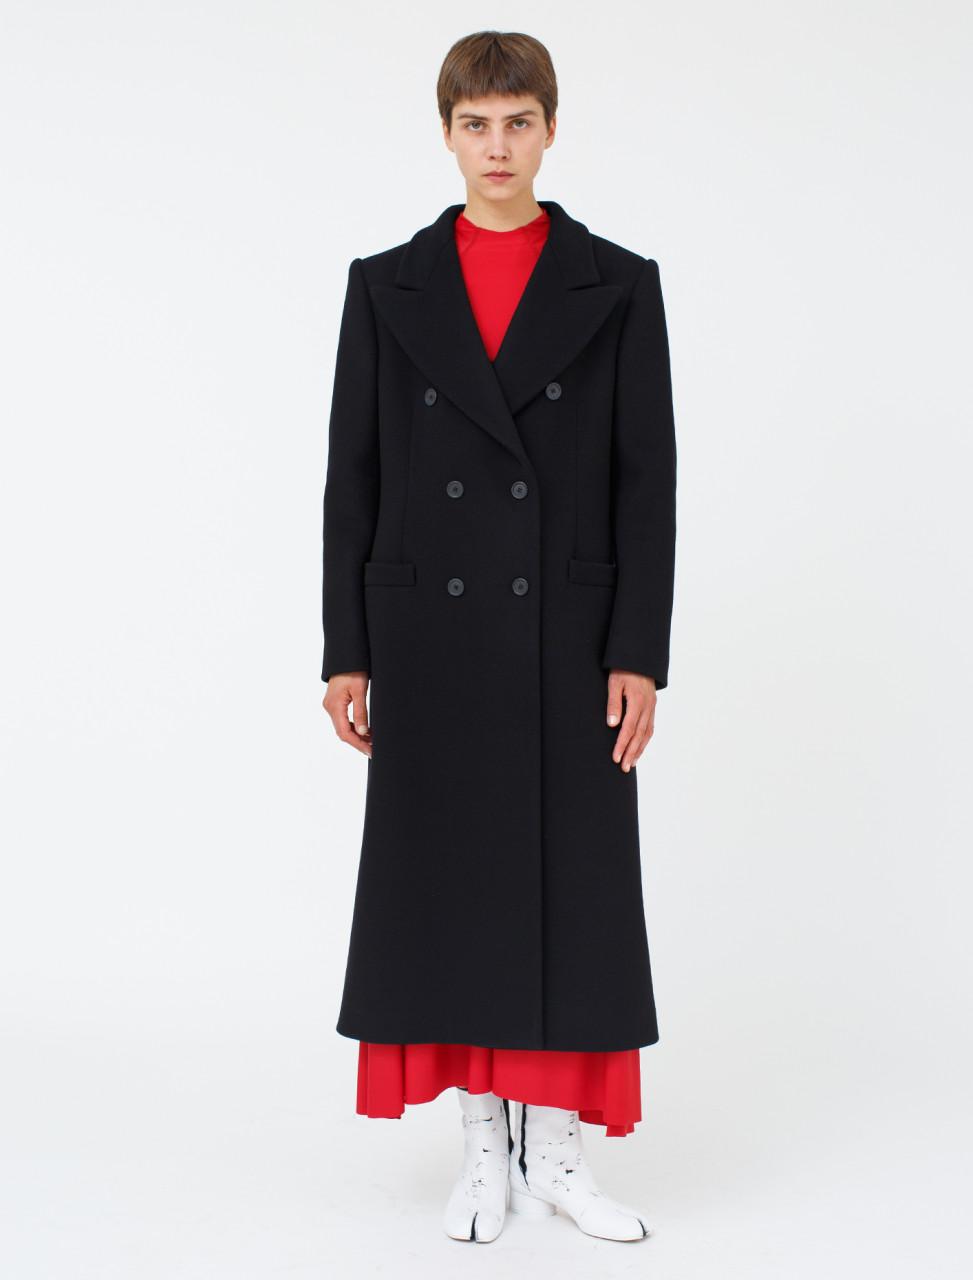 Wool Nylon Coat in Black